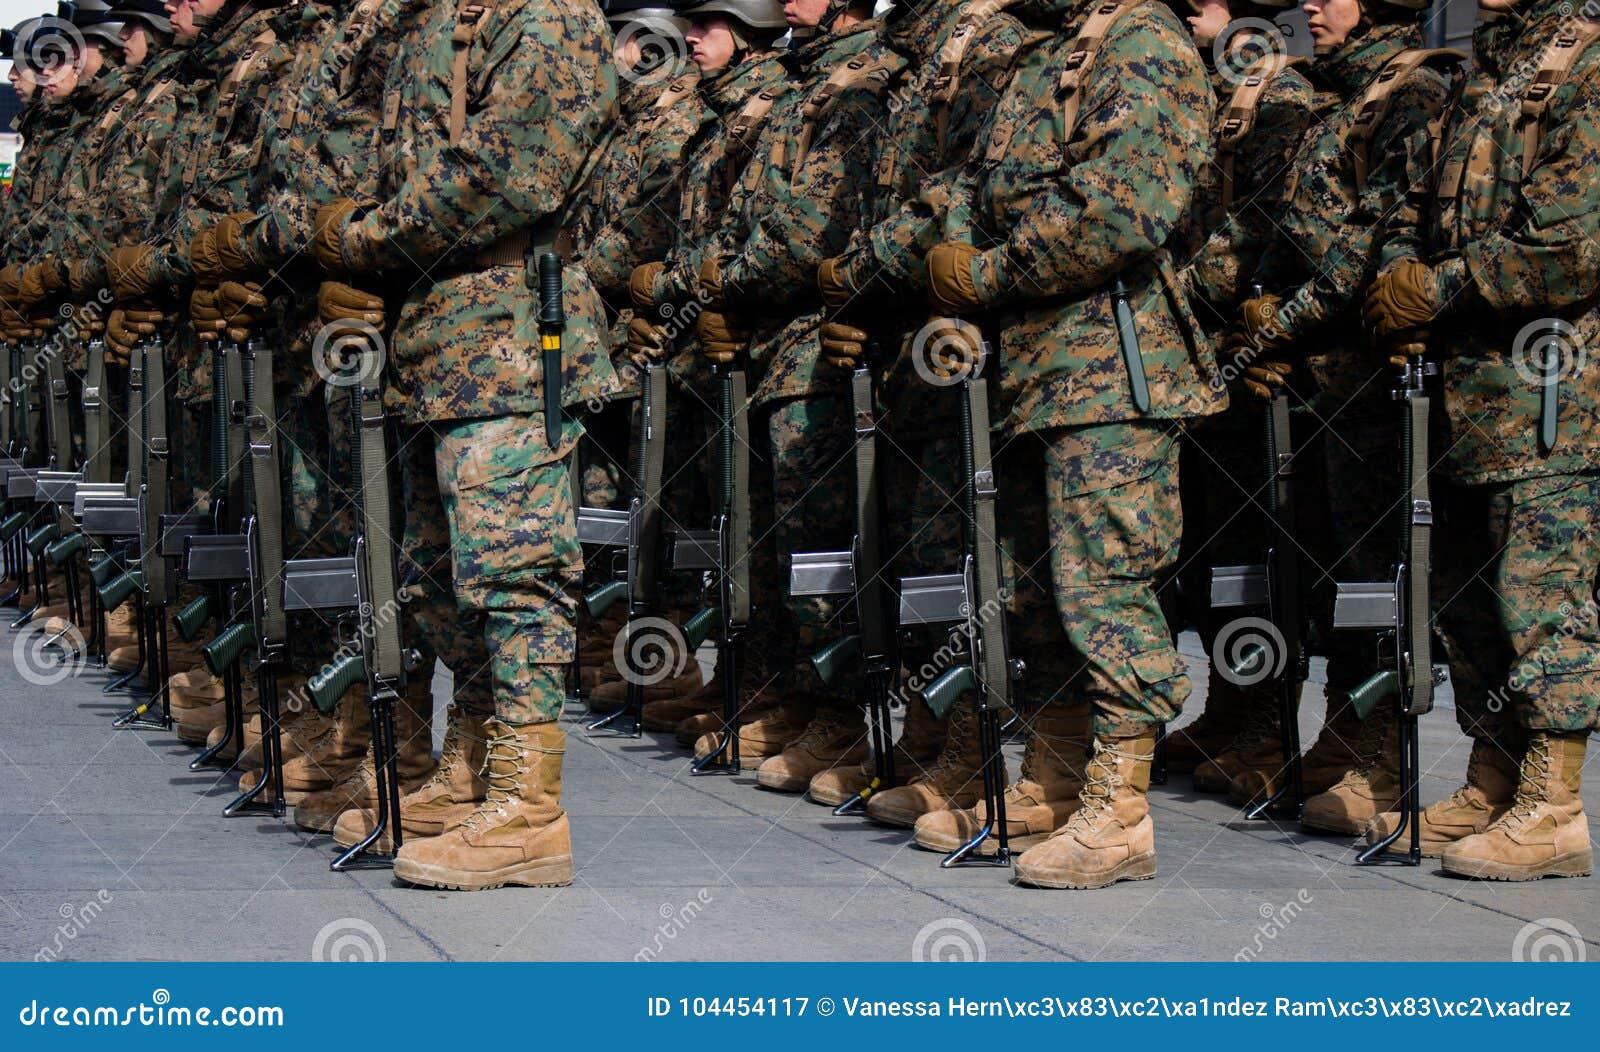 Buty Militar w paradzie Pełny patriotyzm z zakończeniem w górę techniki